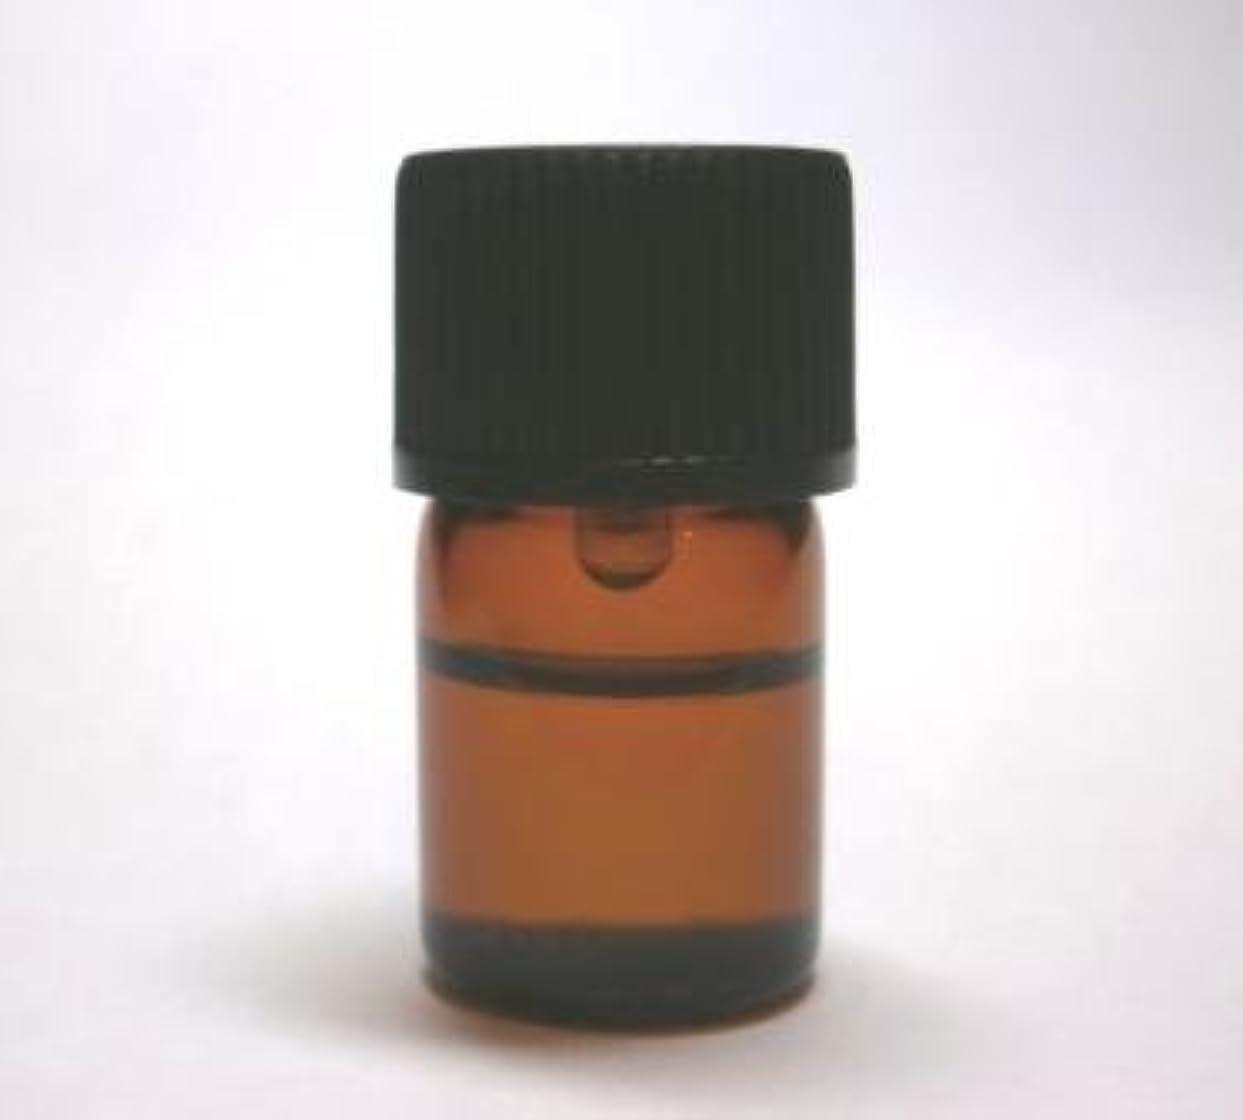 事師匠豊富ローズabsアブソリュート100%:3ml /ローズエッセンシャルオイル/ローズ精油/ローズオイル